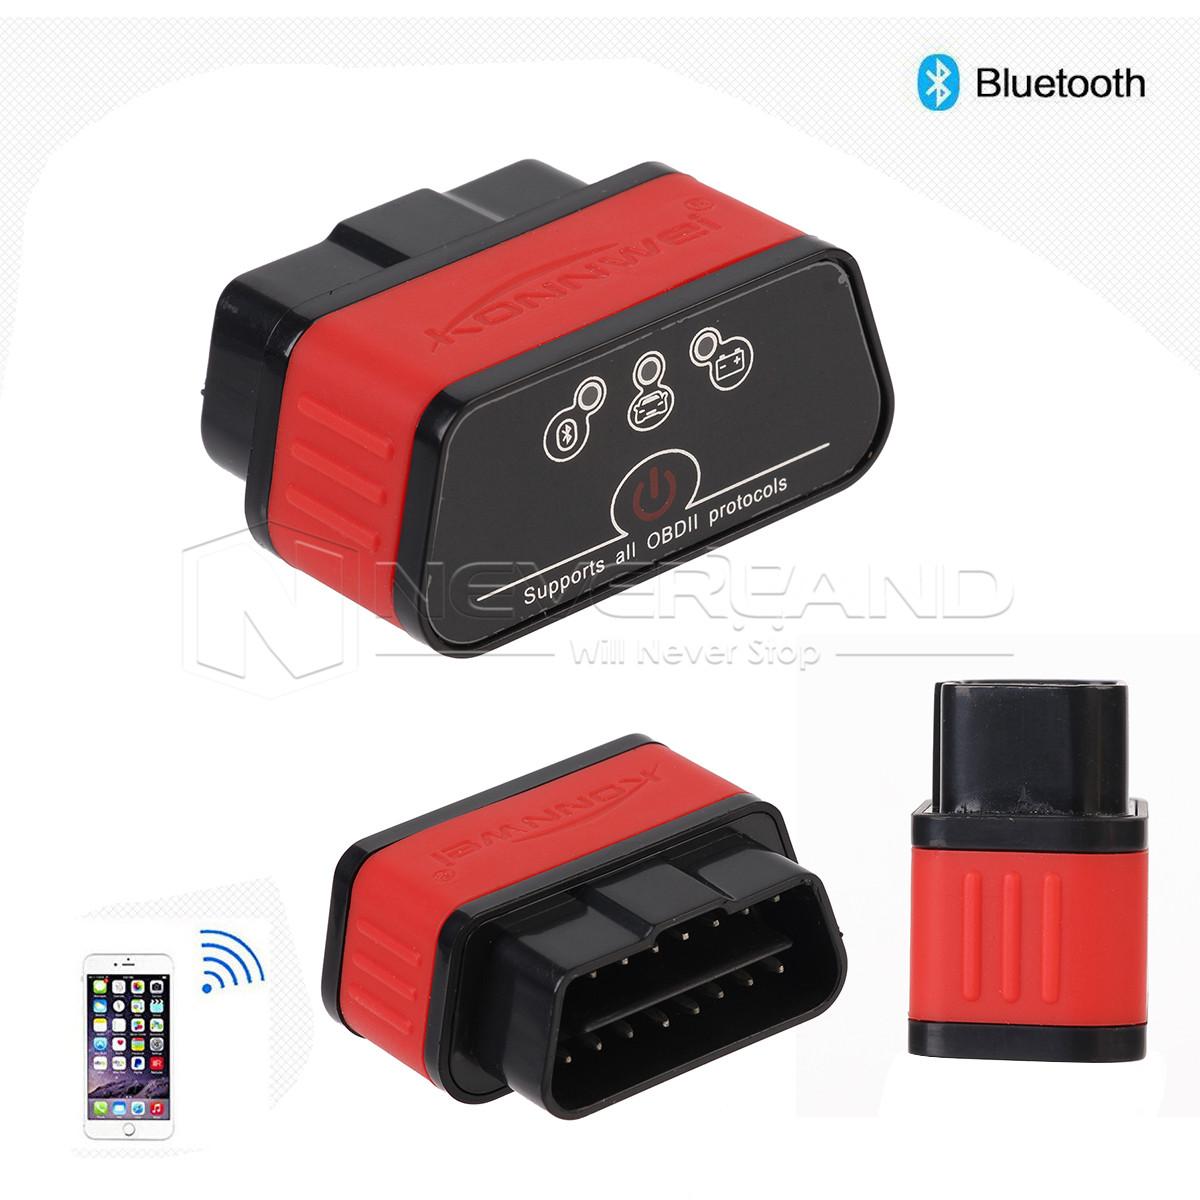 New Car Diagnostic Tool Bluetooth